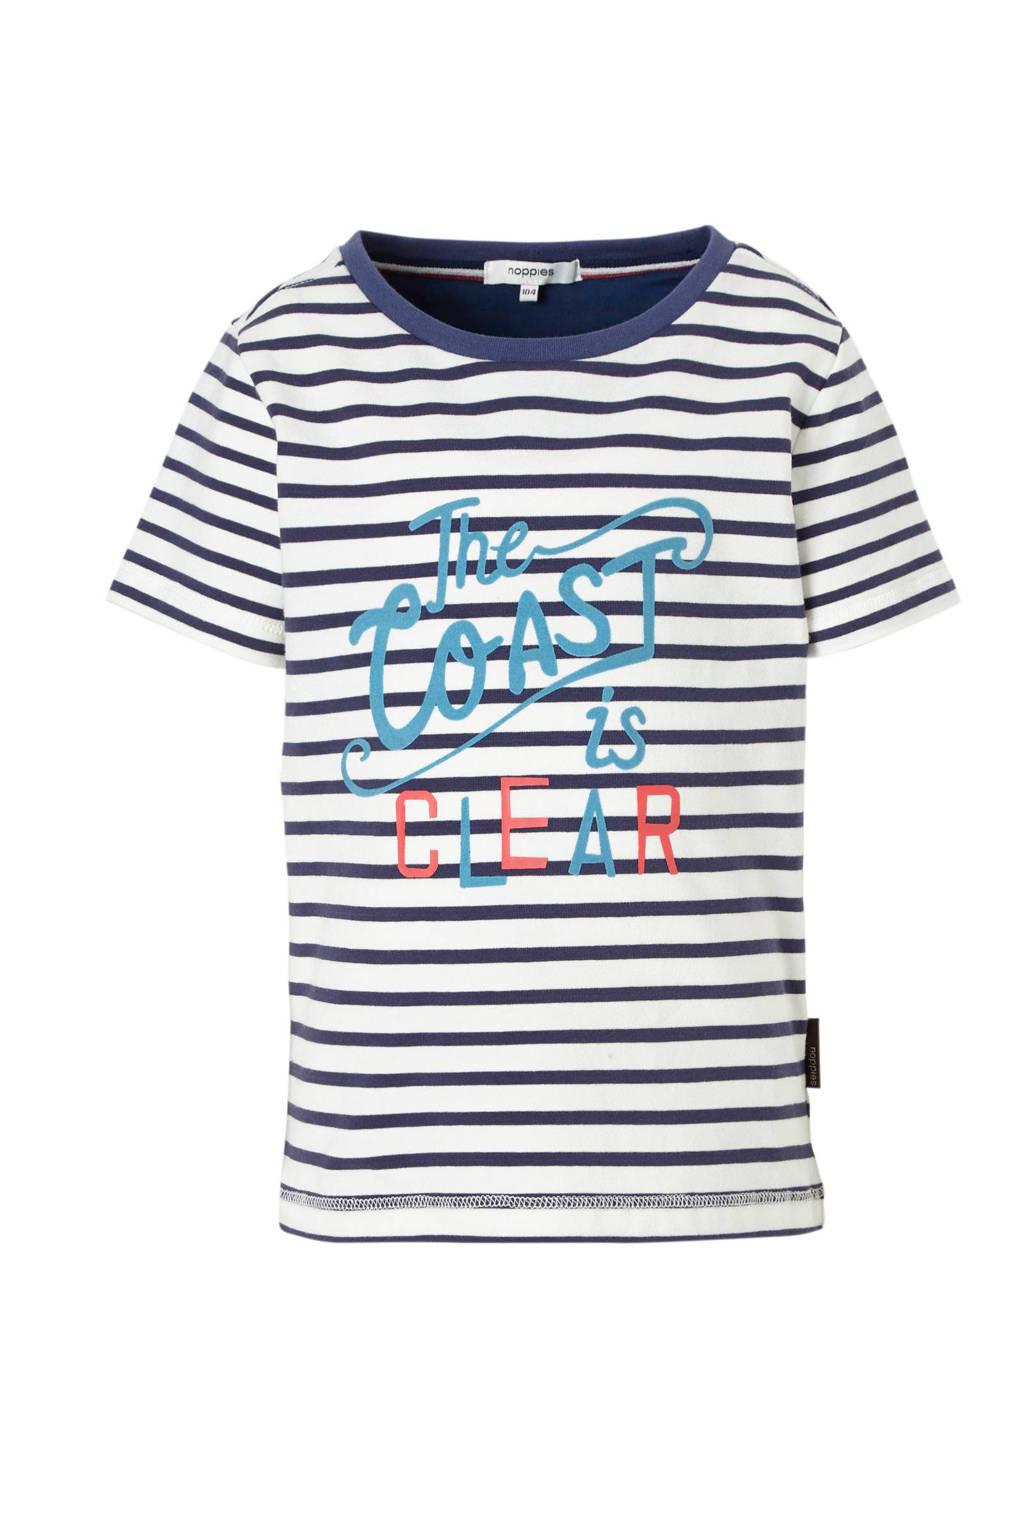 Noppies T-shirt Rye, marine/ wit